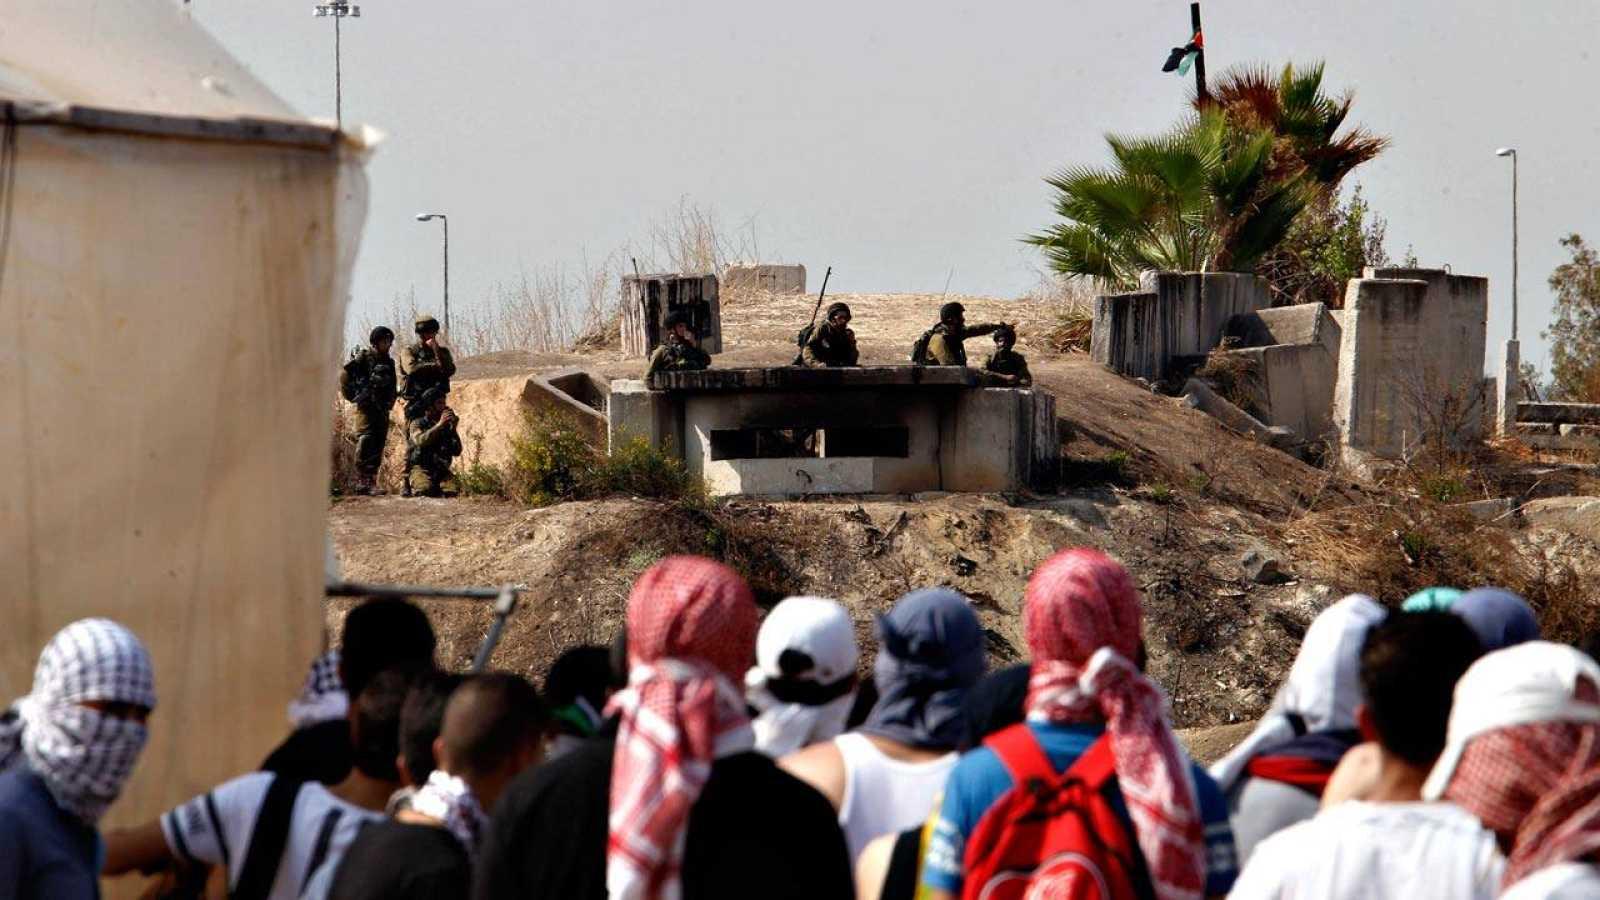 La violencia se ha recrudecido en Oriente Medio, con nuevos enfrentamientos entre jóvenes palestinos y el Ejército israelí